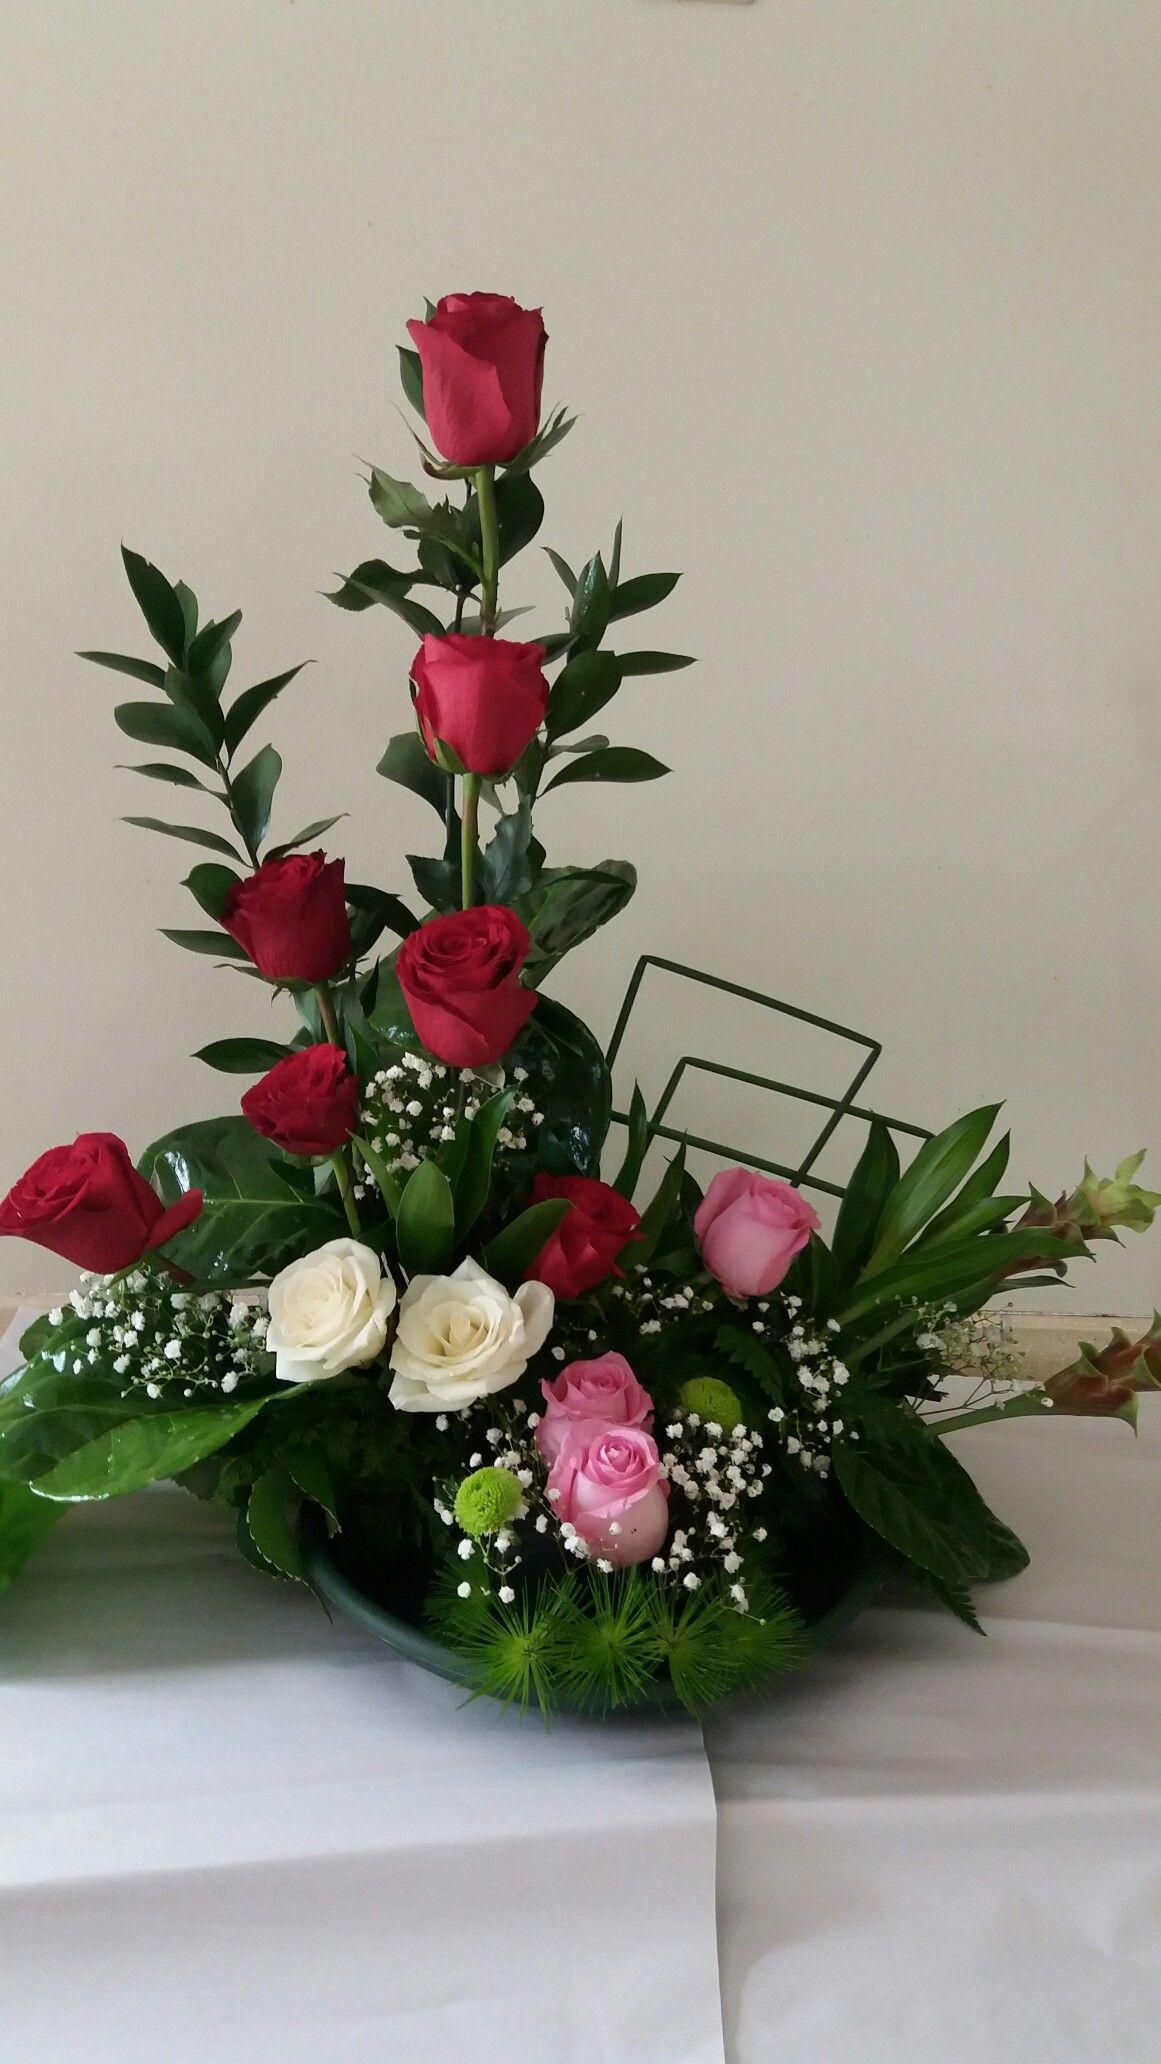 Arreglos De Rosas Arreglos Florales Arreglos De Rosas Y